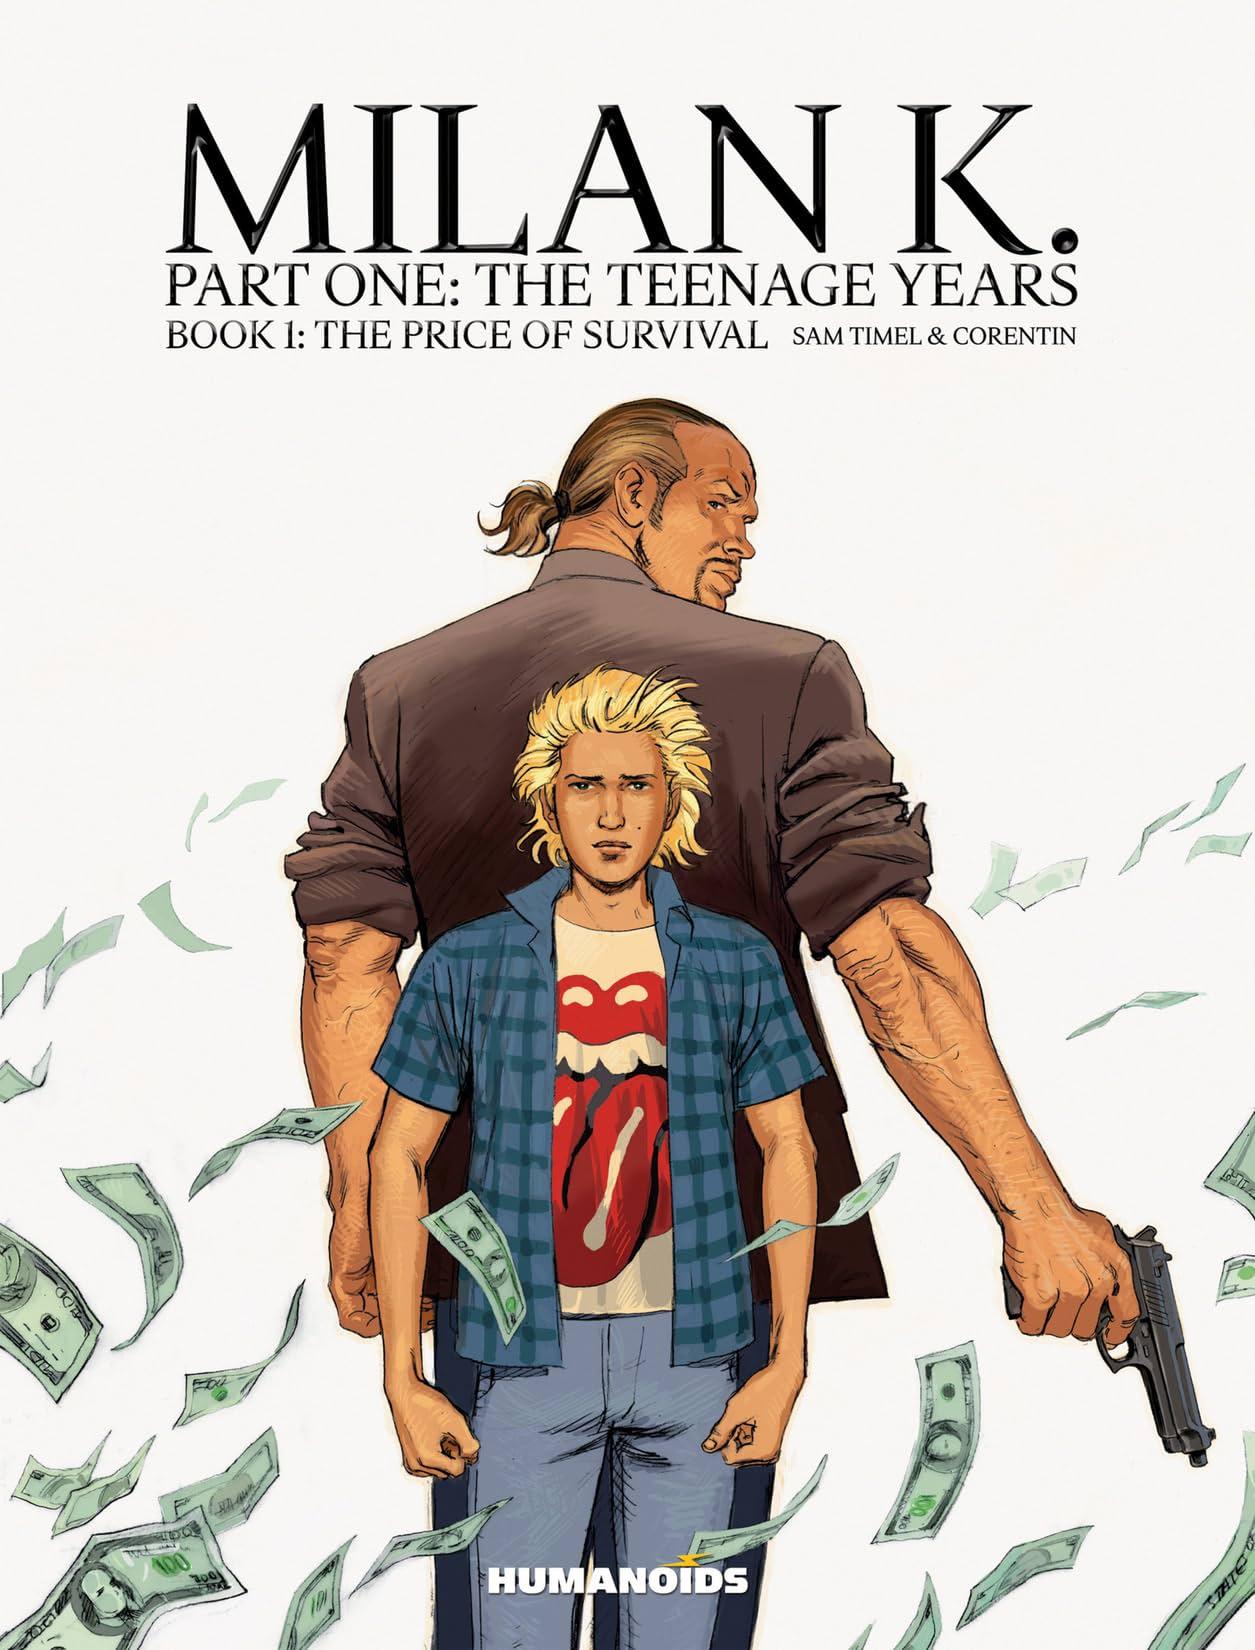 Milan K. Vol. 1: The Price of Survival